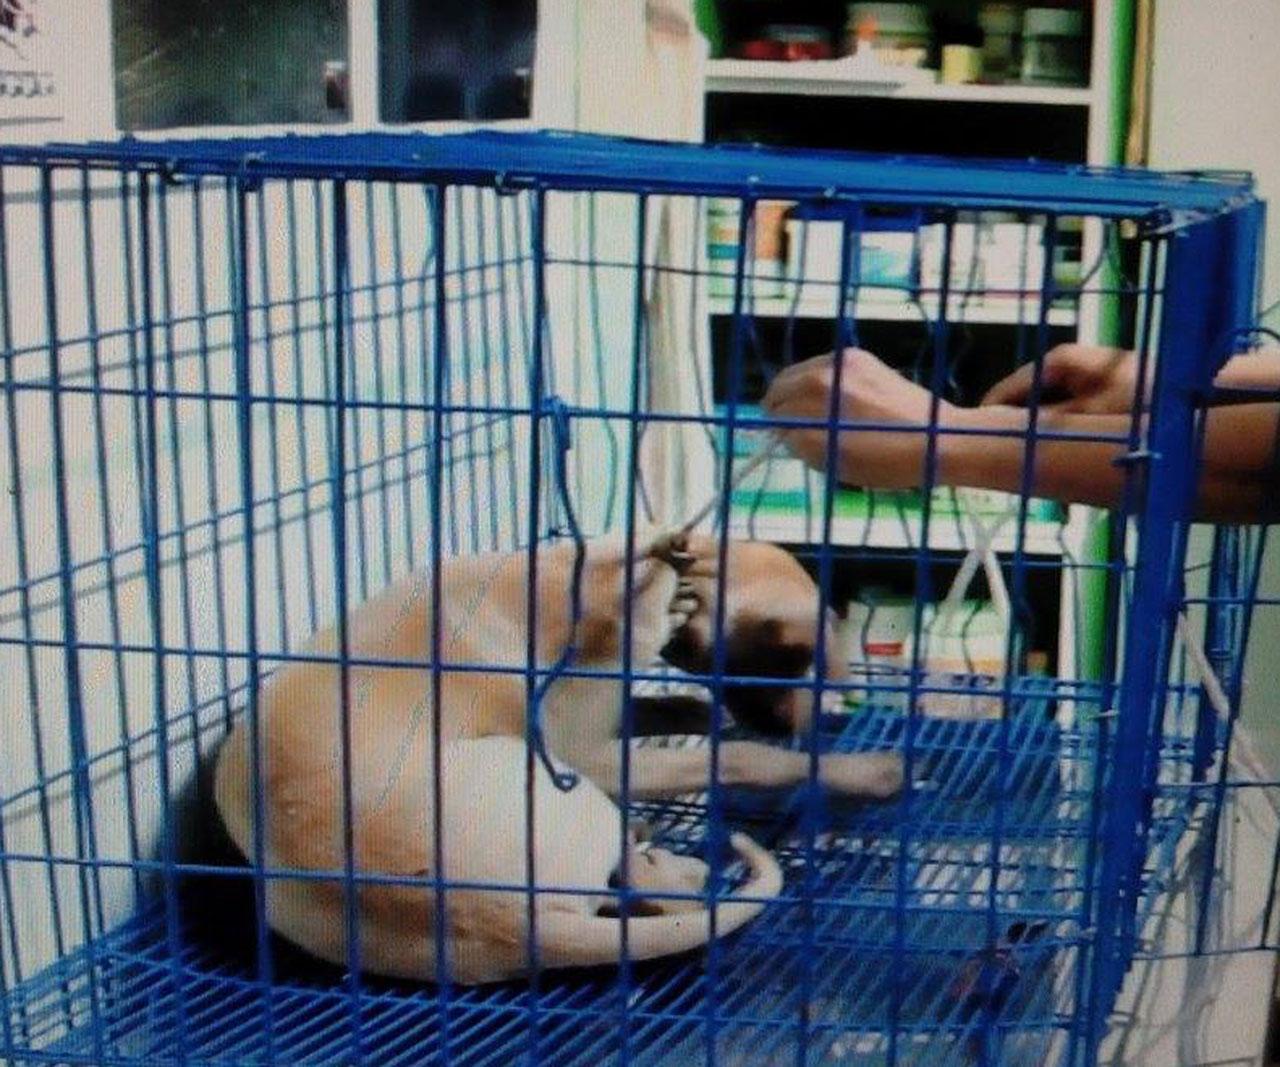 นำสุนัขที่ได้รับการช่วยเหลือ ส่งสัตวแพทย์รักษา